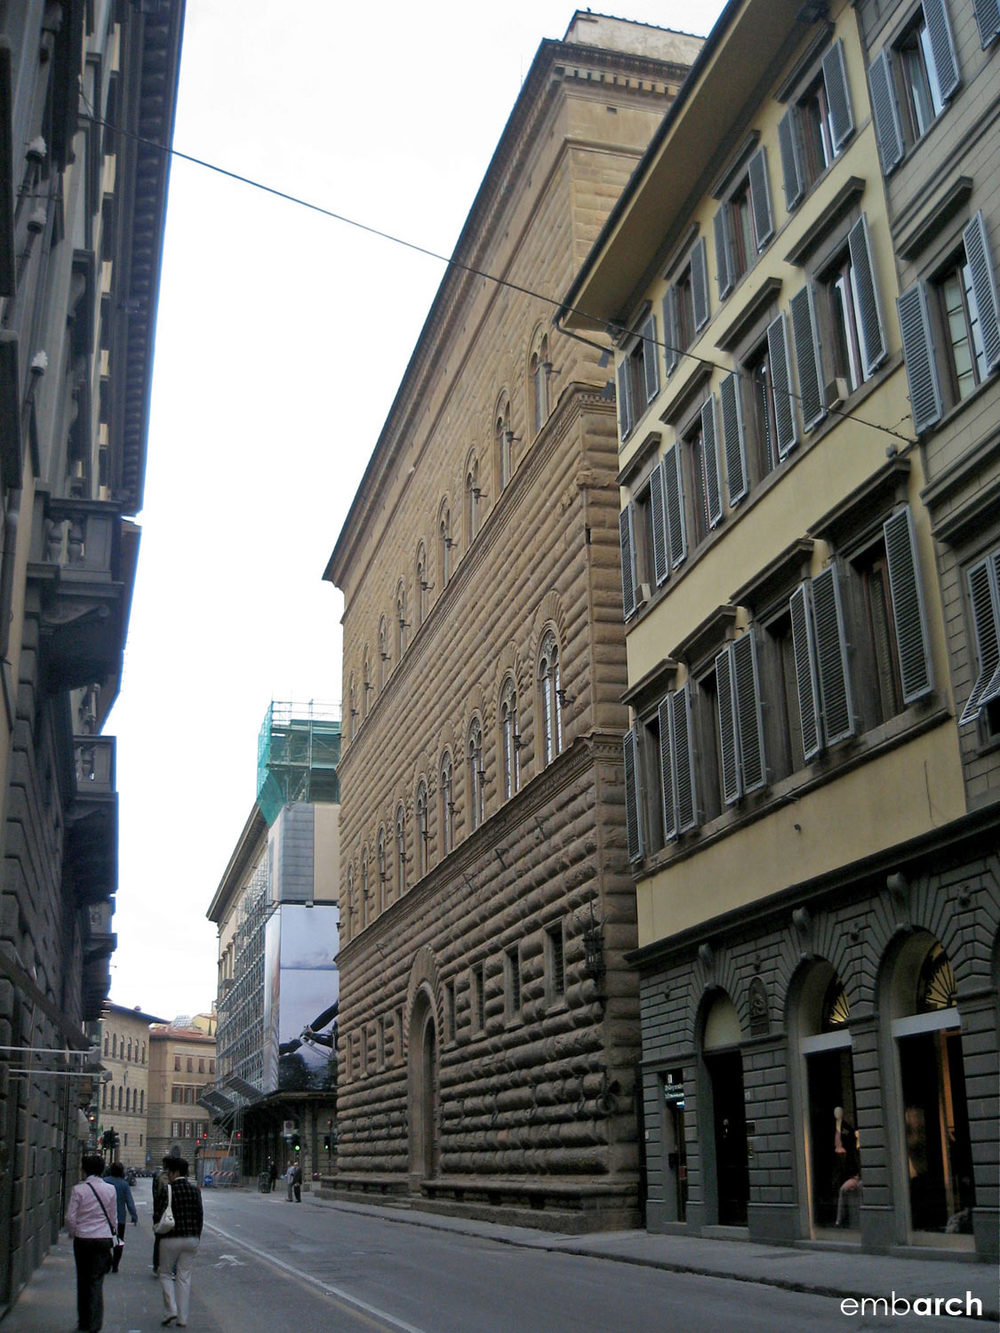 Palazzo Strozzi - view of exterior